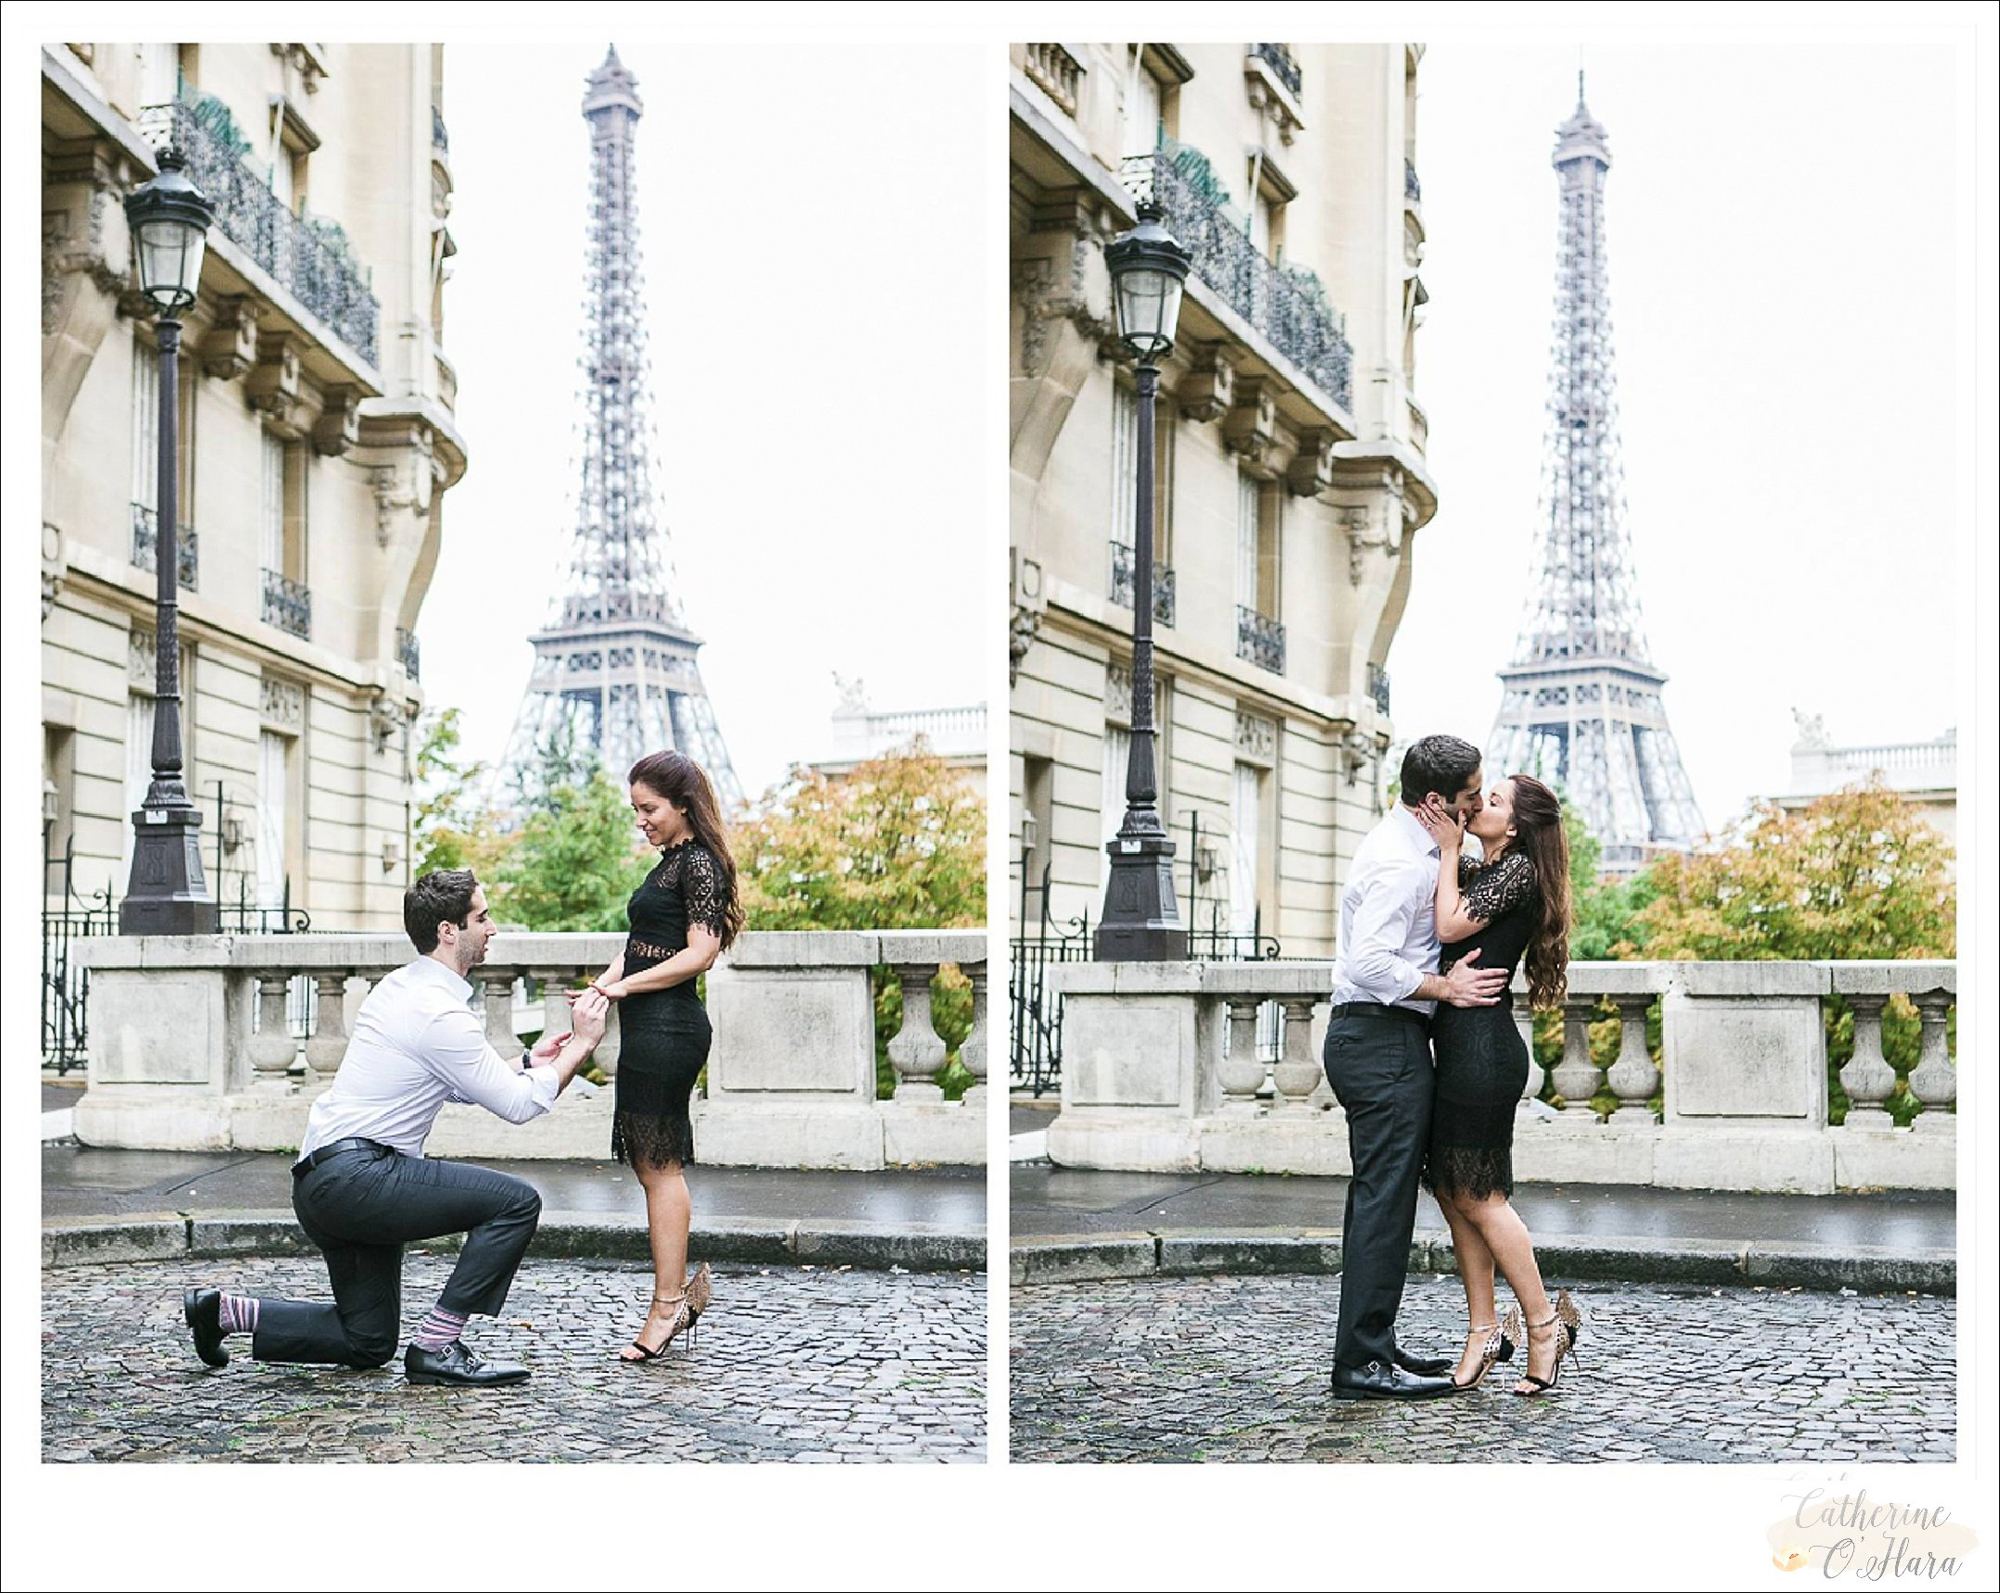 surprise proposal engagement photographer paris france-49.jpg